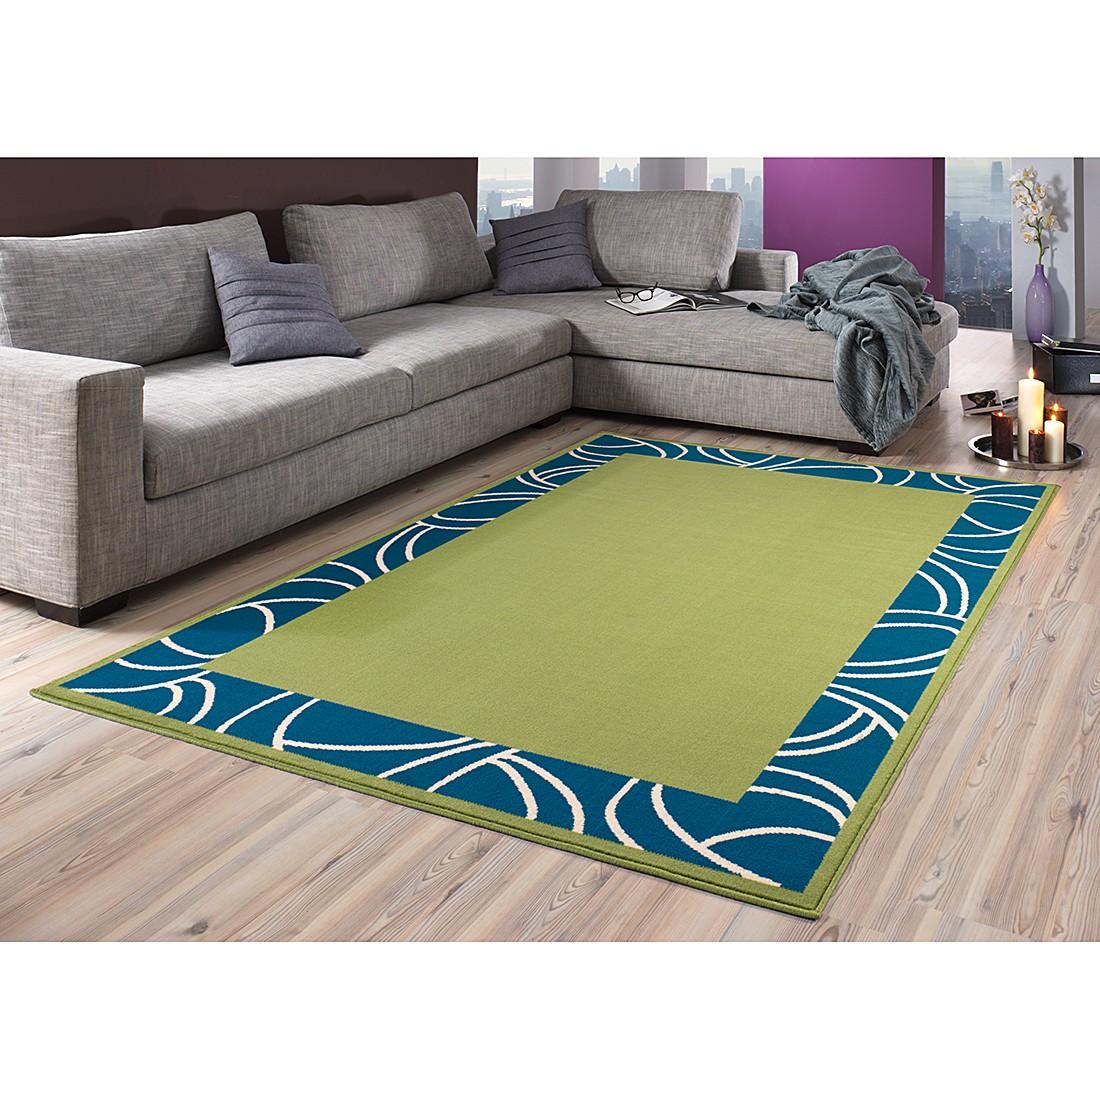 teppich prime pile gr n 70 cm x 140 cm hanse home collection g nstig bestellen. Black Bedroom Furniture Sets. Home Design Ideas